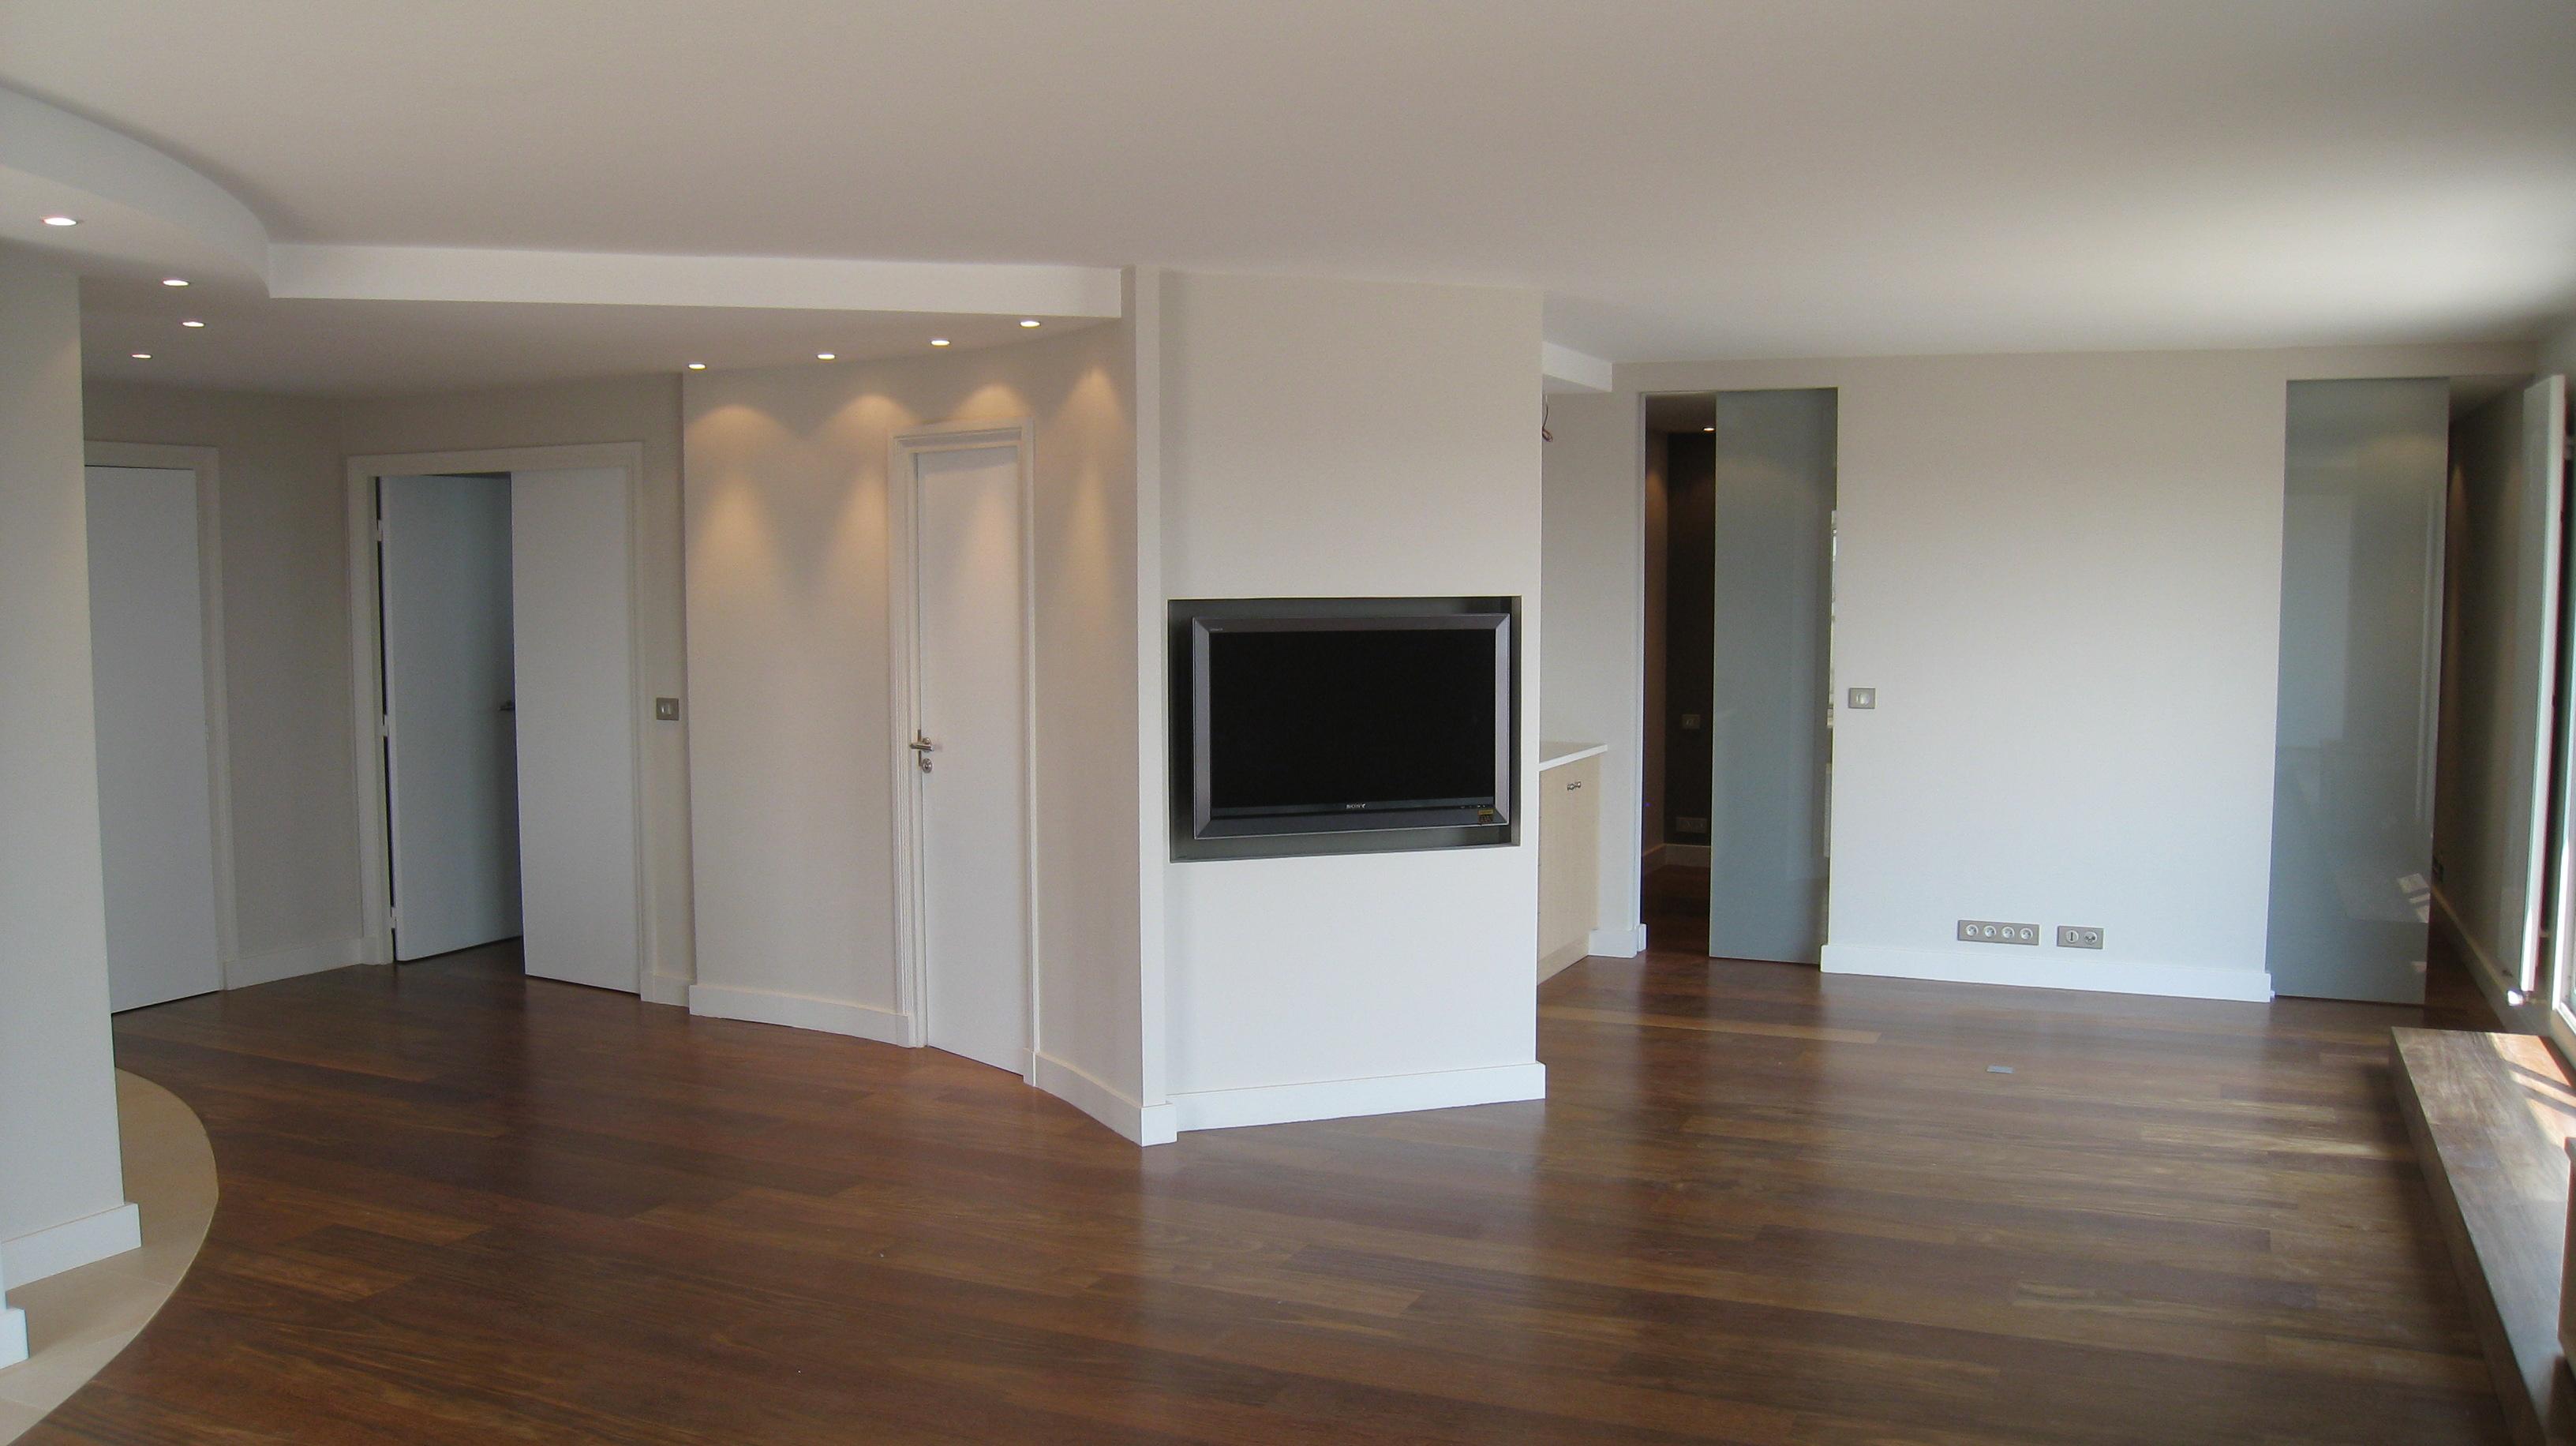 Appartement en espace ouvert neuilly sur seine for Architecte interieur cuisine ouverte